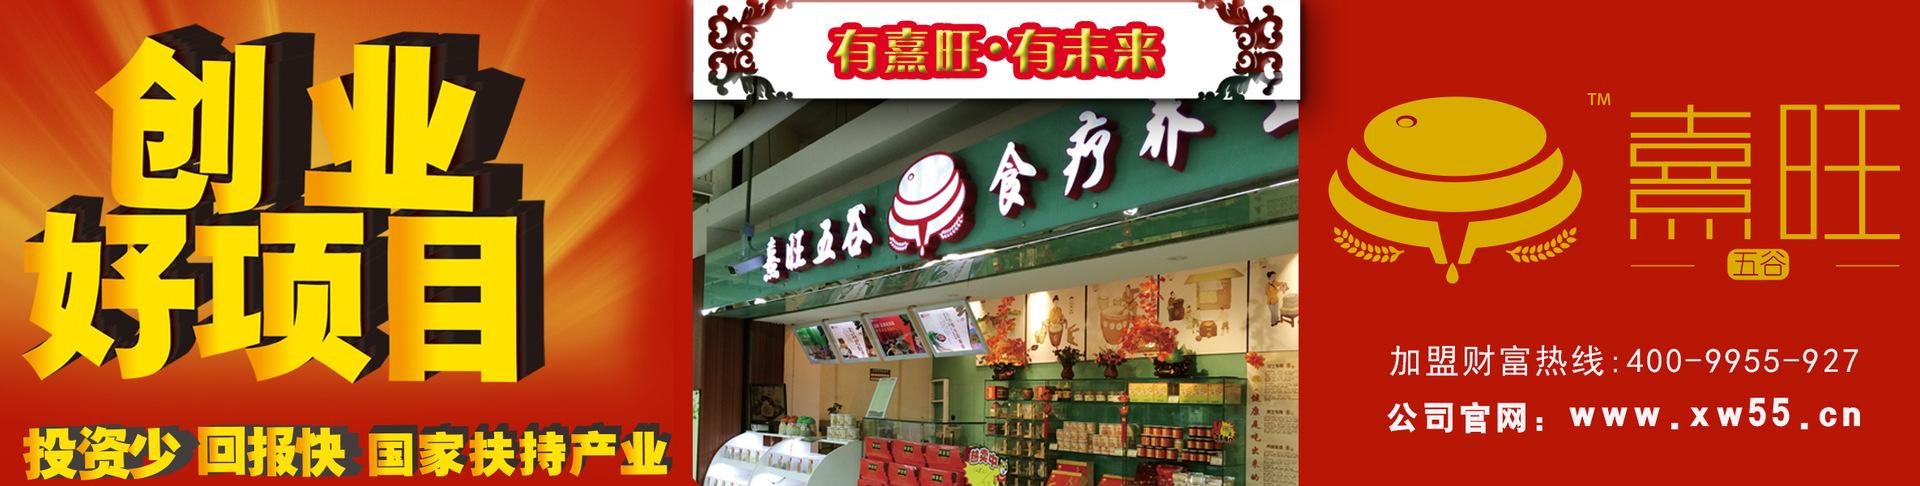 熟 西瓜仁低温烘焙原料 批发 用于现磨豆浆 五谷磨粉 熹旺五谷图片_7